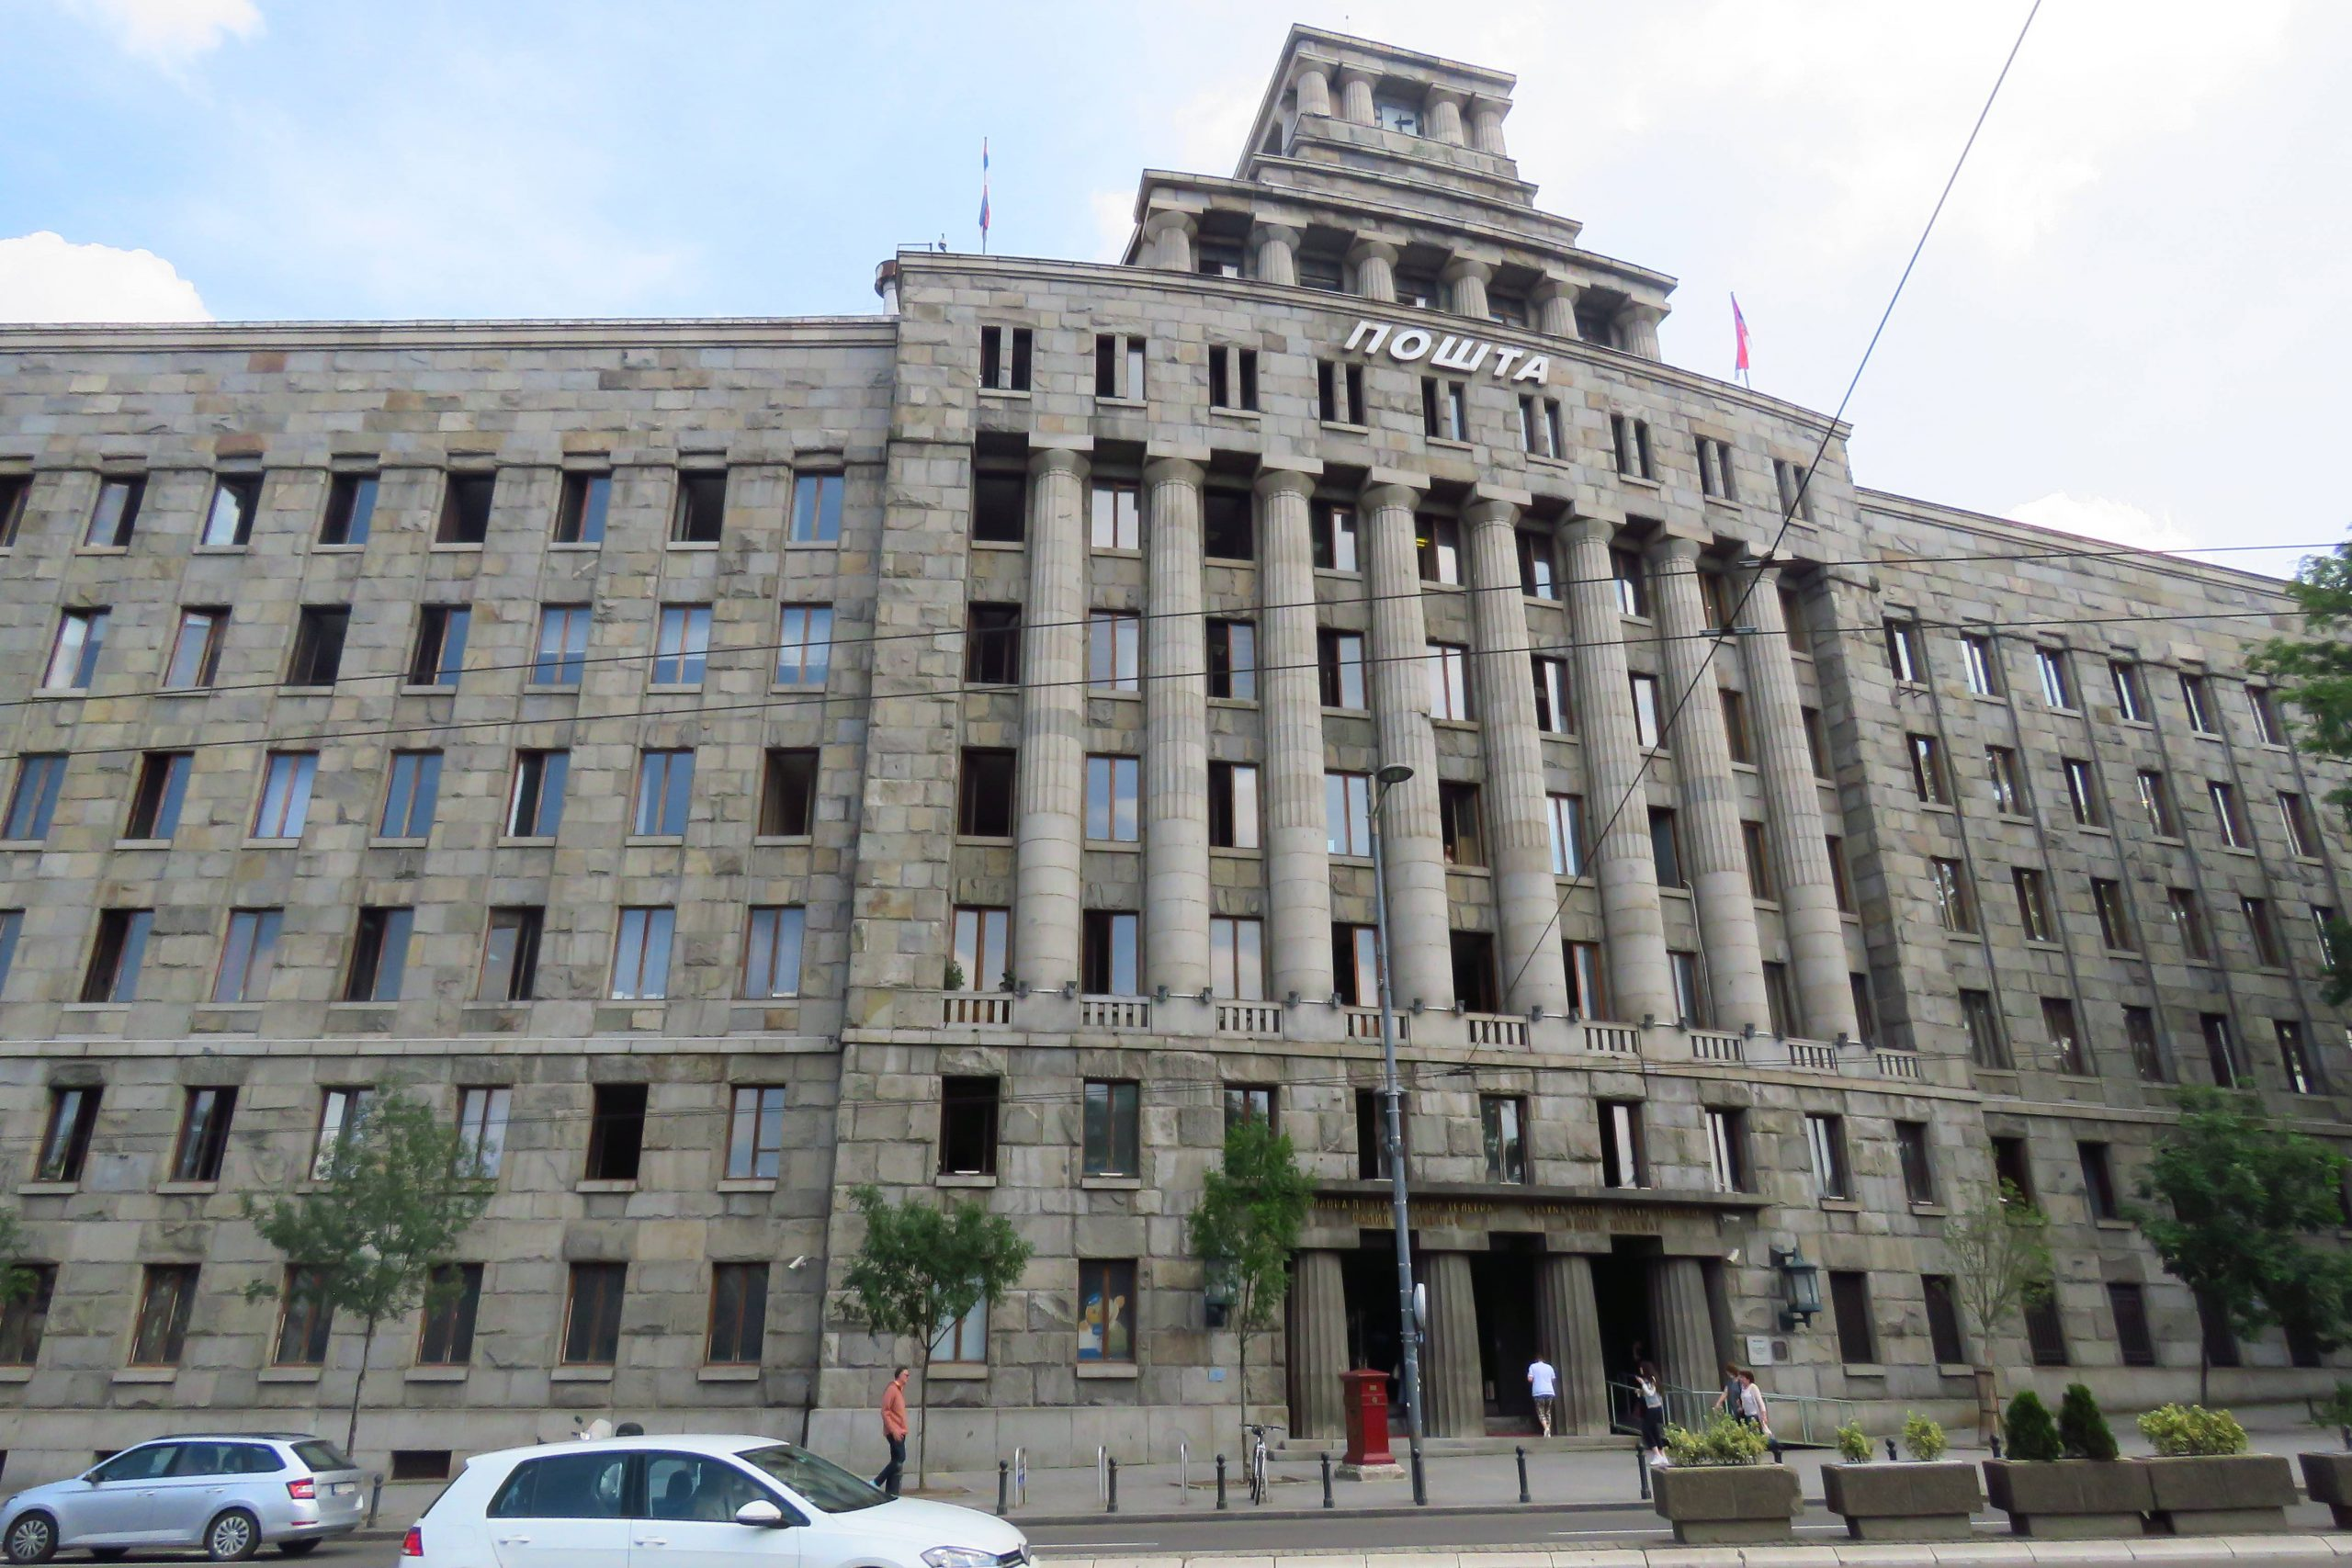 Pošta: Nije tačno da pošiljke naručene preko interneta nestaju u Srbiji 1